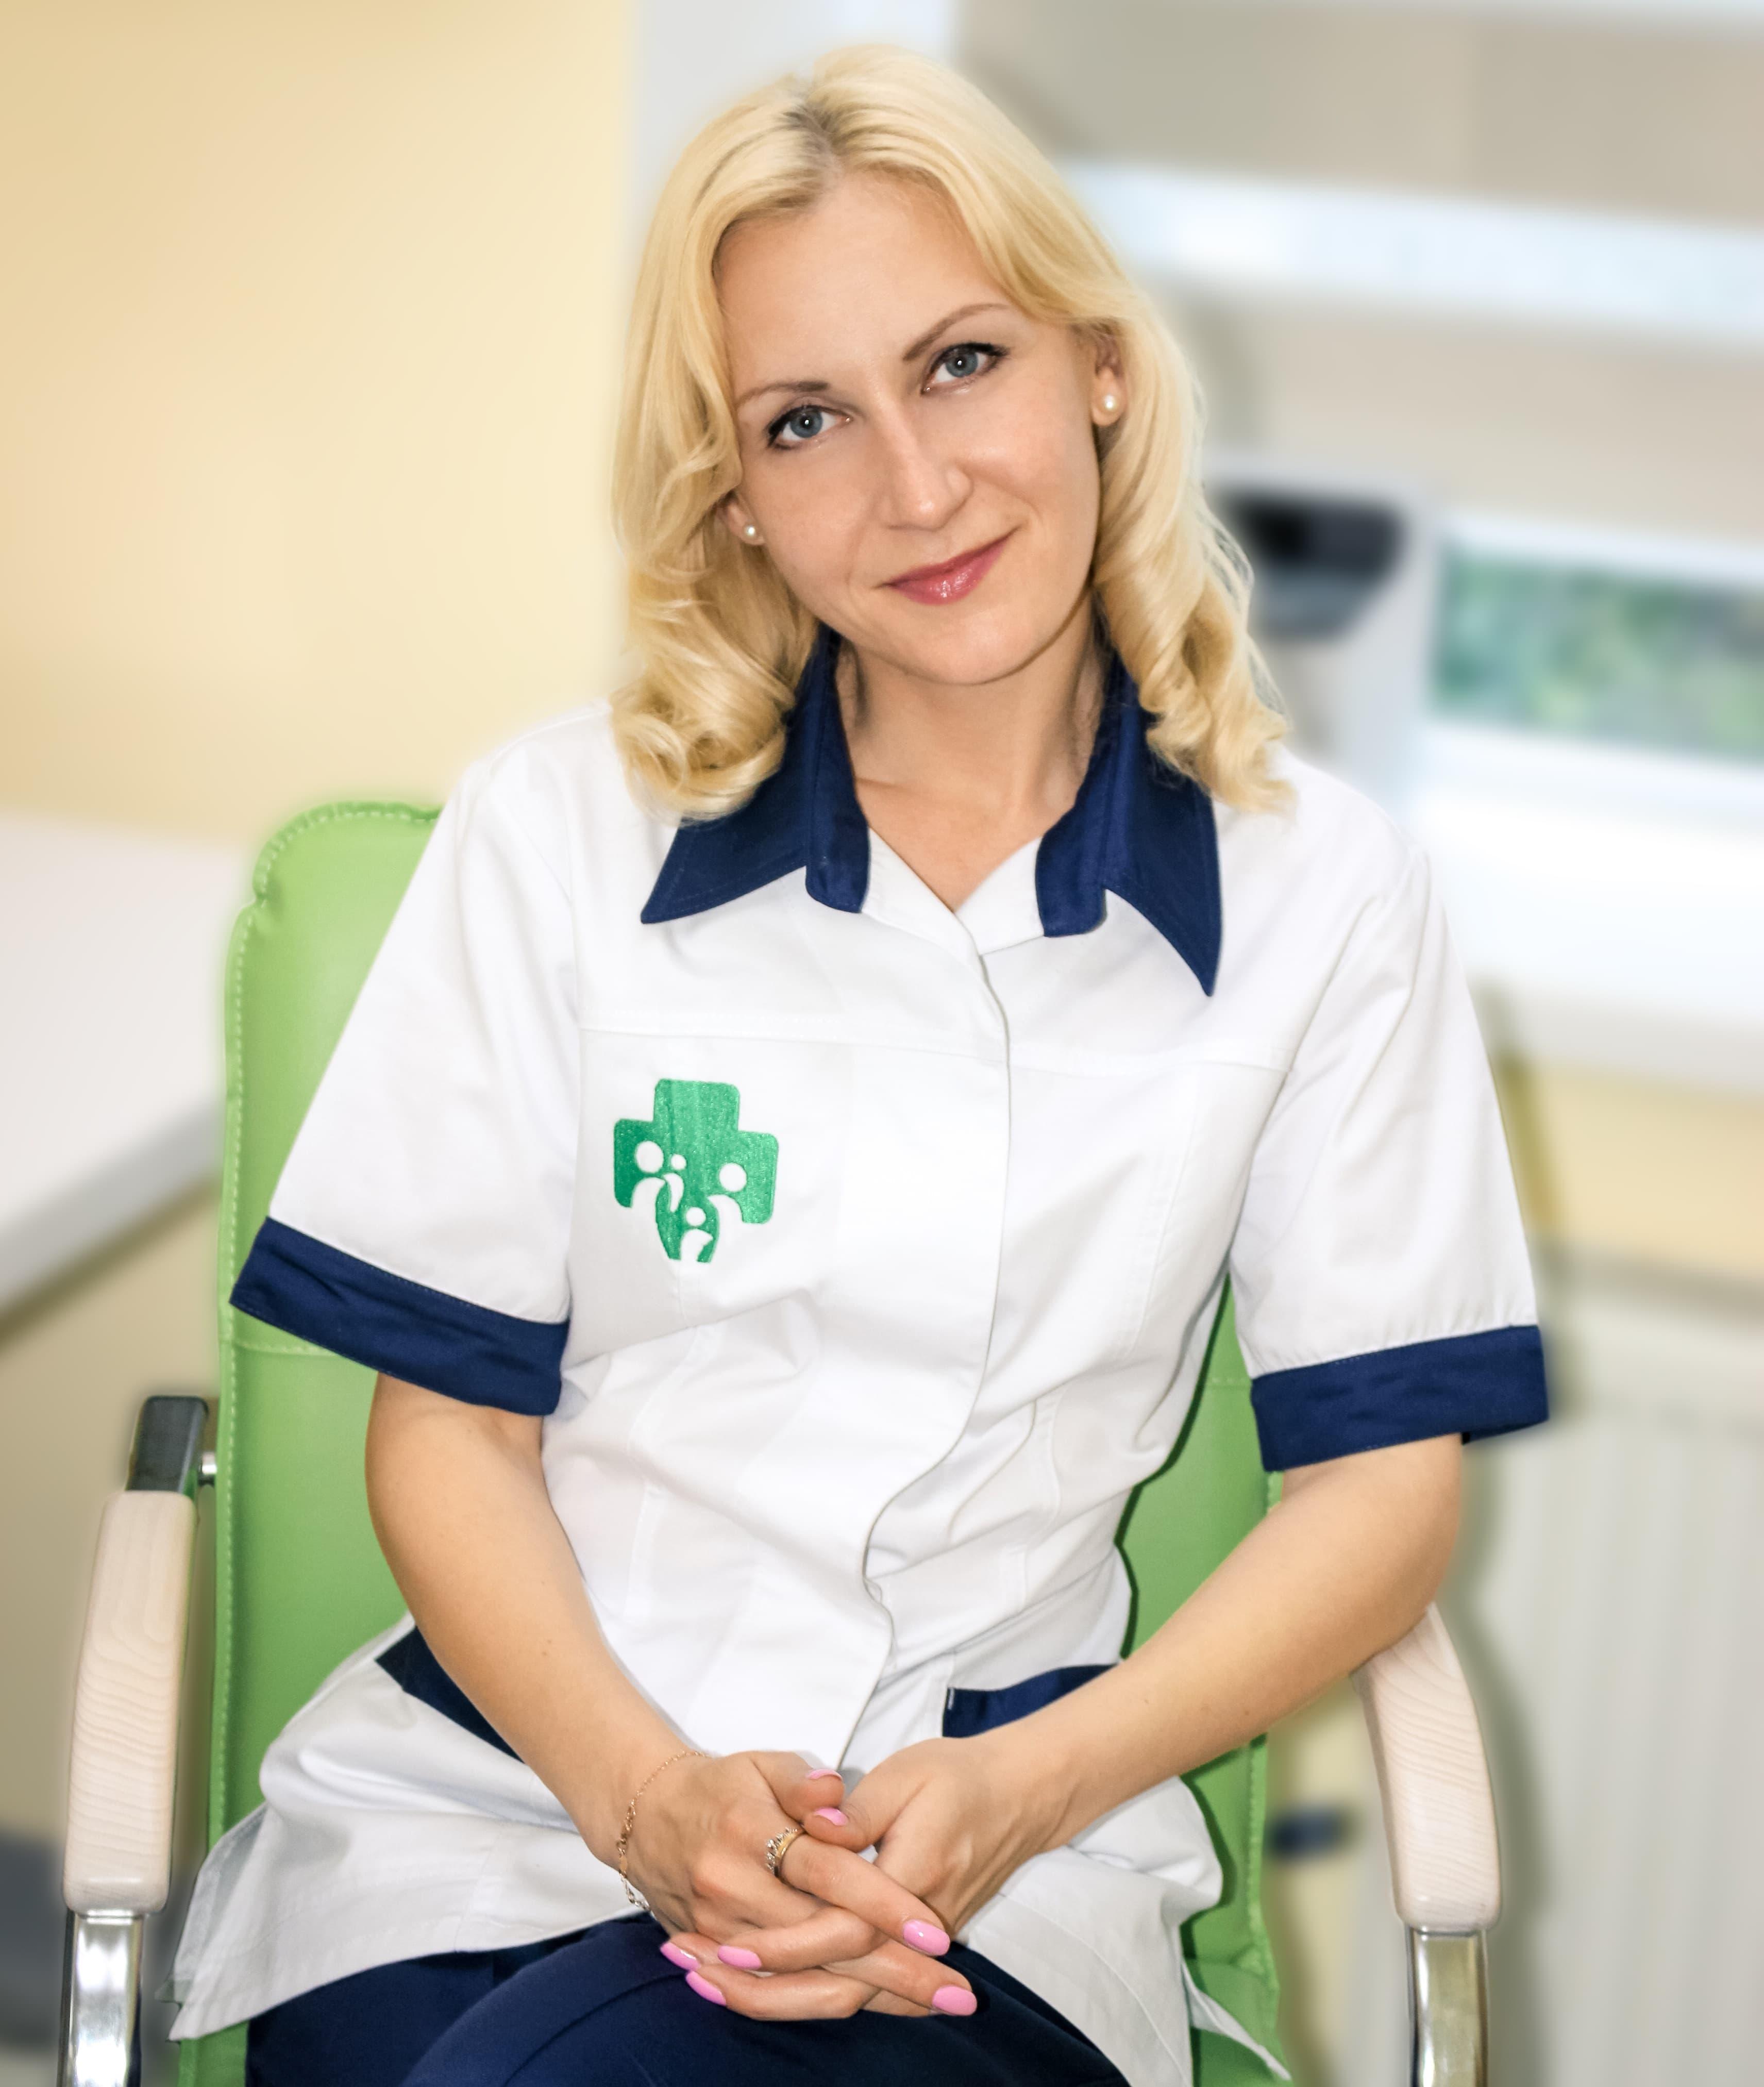 Филинюк Богдана Владимировна - семейный врач